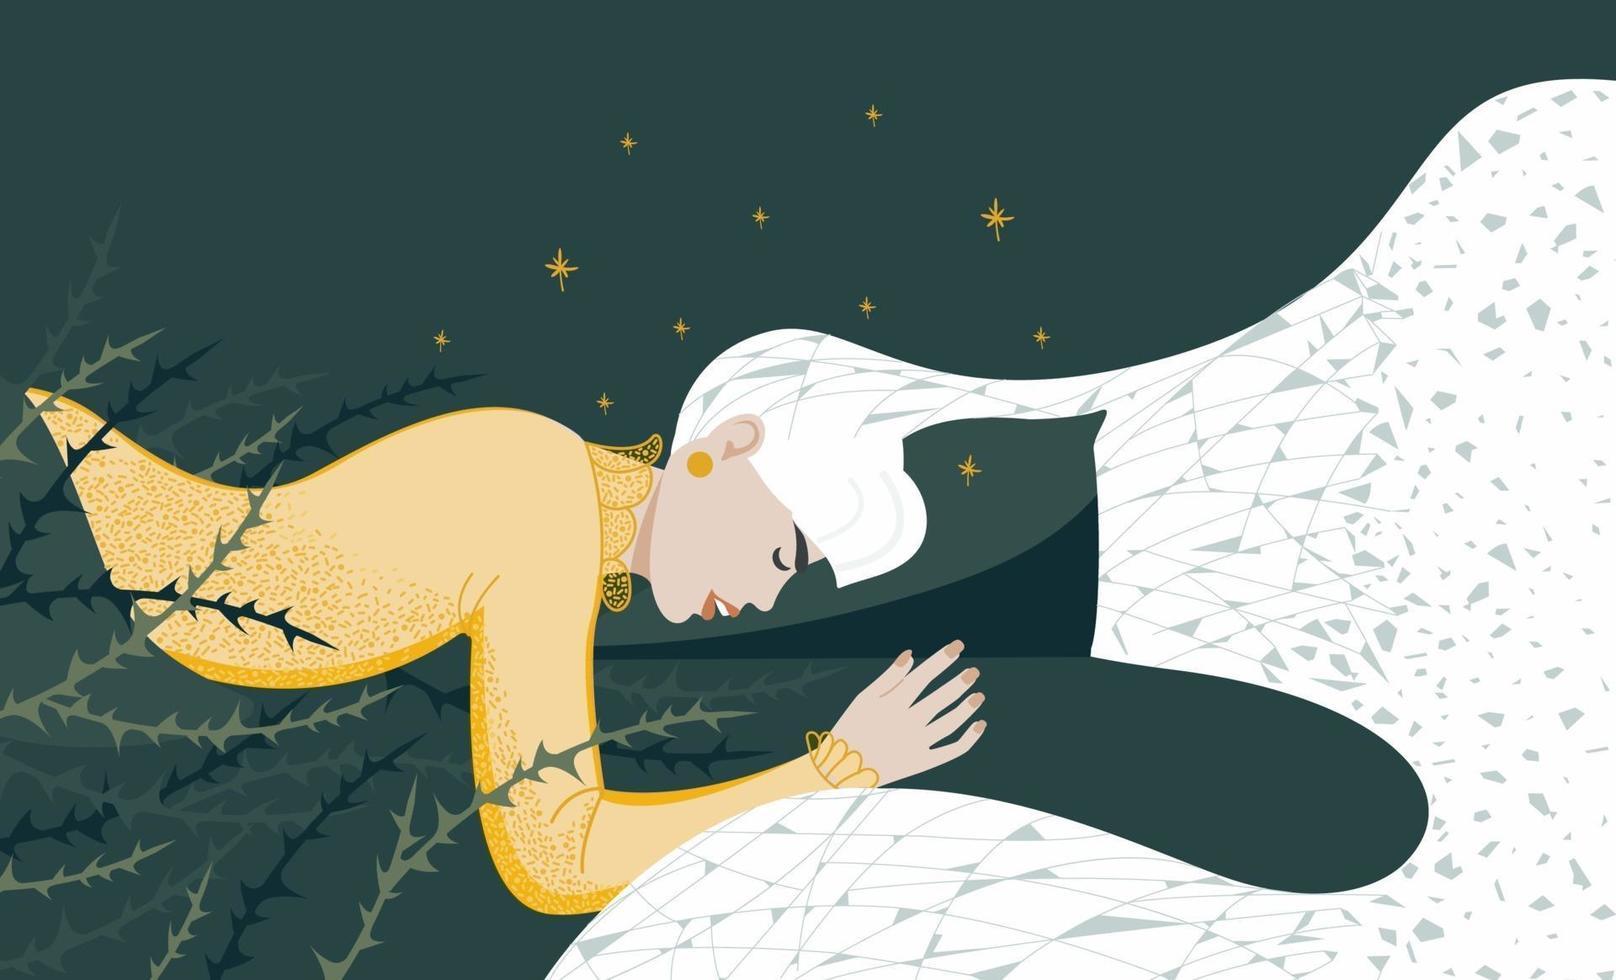 la jeune femme ne dort pas bien, est agitée. mauvais rêves, douleur nocturne. illustration vectorielle plane vecteur